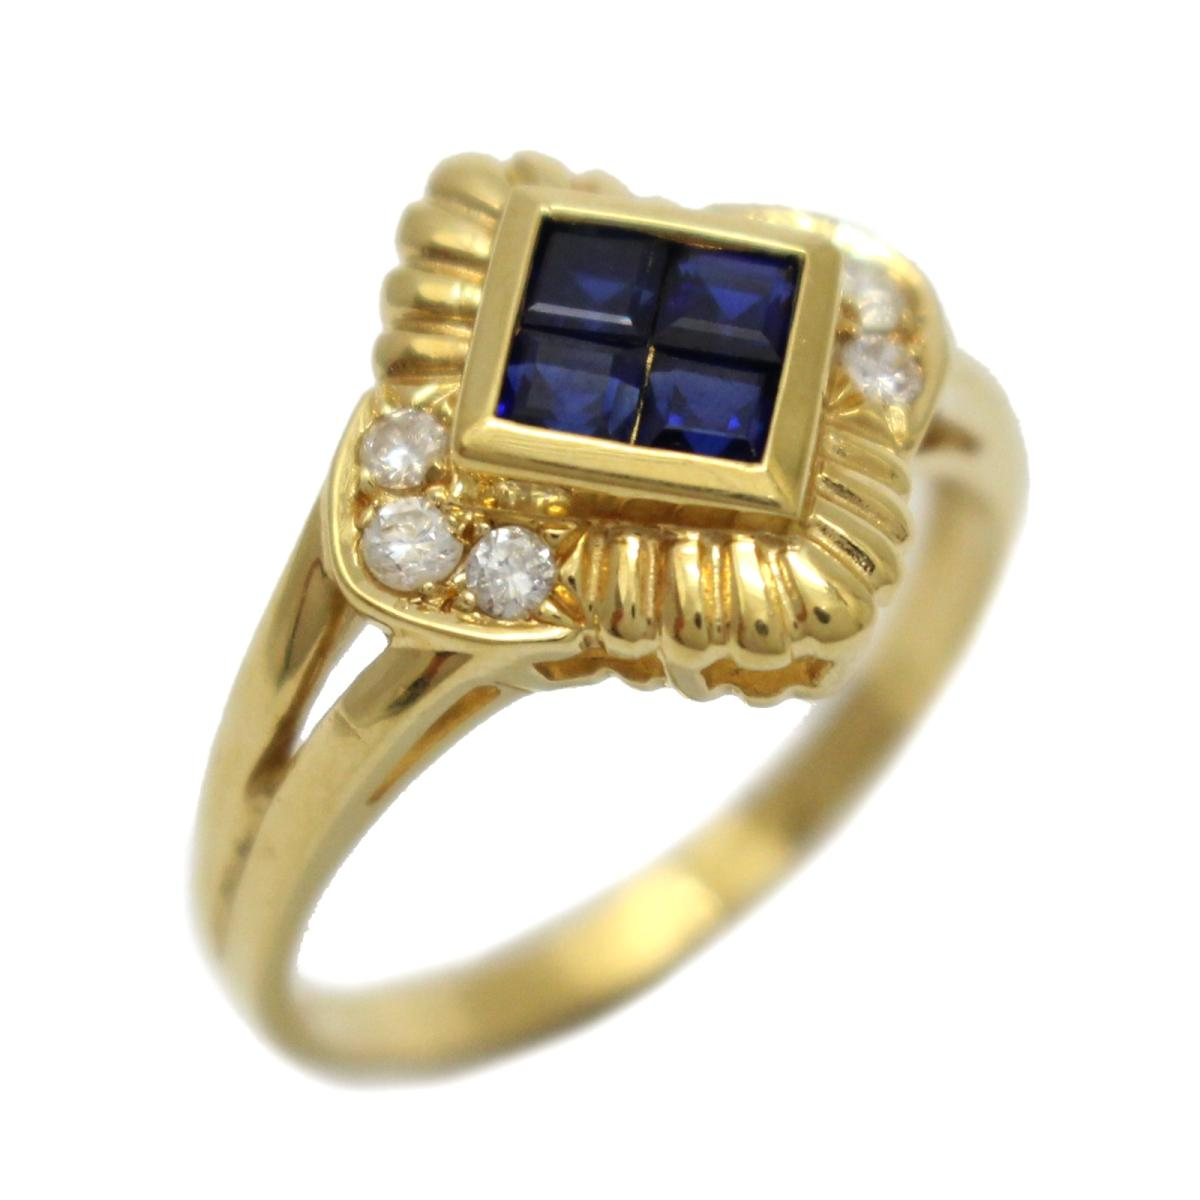 【中古】 ジュエリー サファイア ダイヤモンド リング 指輪 レディース K18YG (750) イエローゴールド x ブルー クリアー   JEWELRY BRANDOFF ブランドオフ ブランド アクセサリー